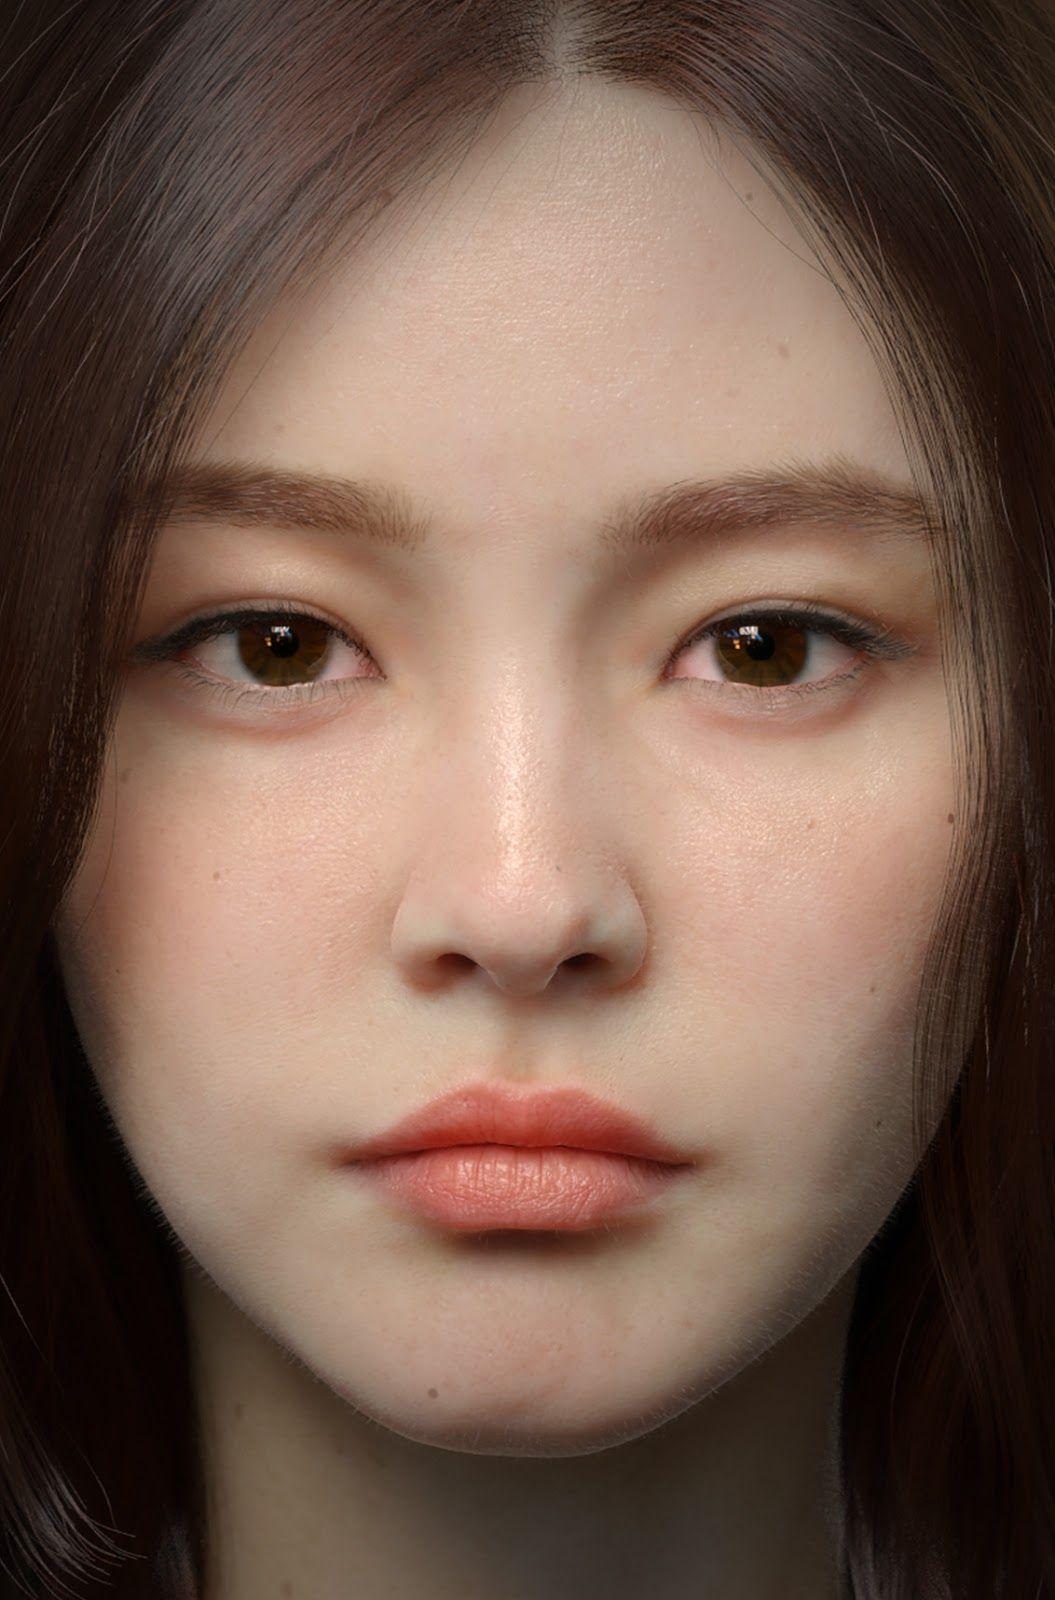 paint photo, qiang zhou   Portrait, Face, Digital portrait